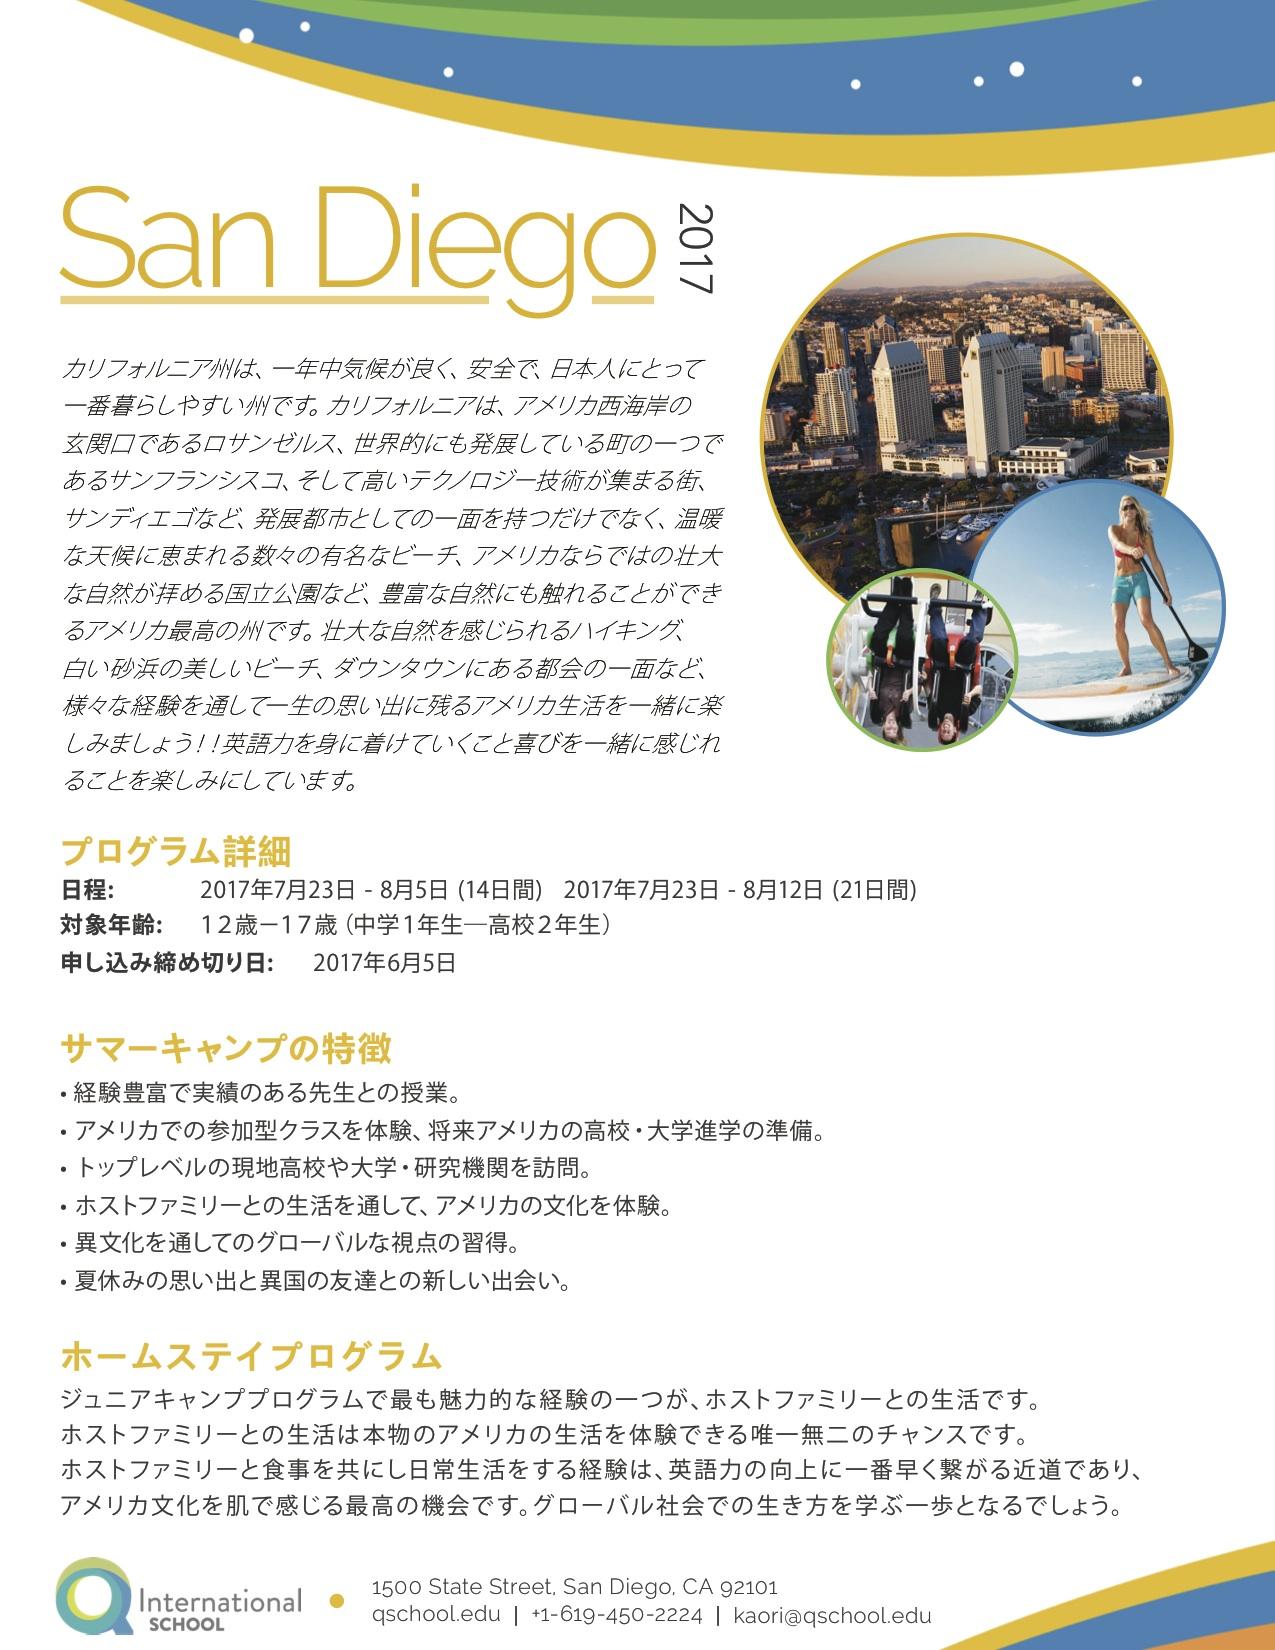 夏休みはサンディエゴにミニ留学しよう!